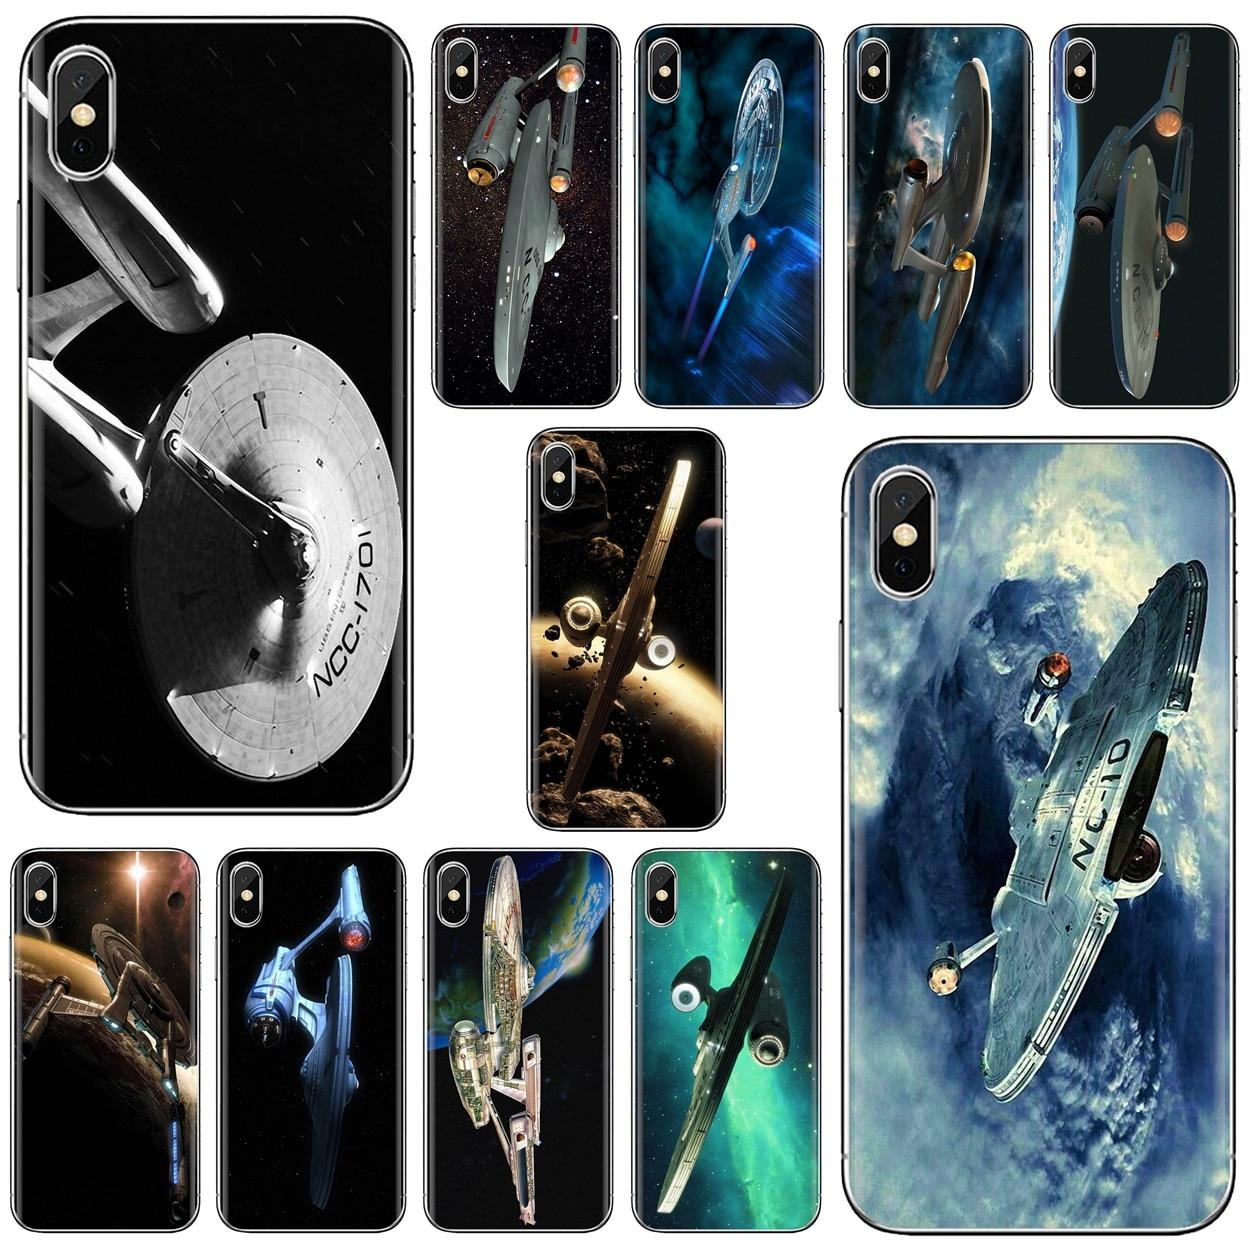 Para Nokia X6 2 3 5 6 8 9 230, 3310, 2,1, 3,1, 5,1, 7 Plus 2017 2018 Slim silicona suave del teléfono del TPU del caso de Star Trek nave espacial arte cartel